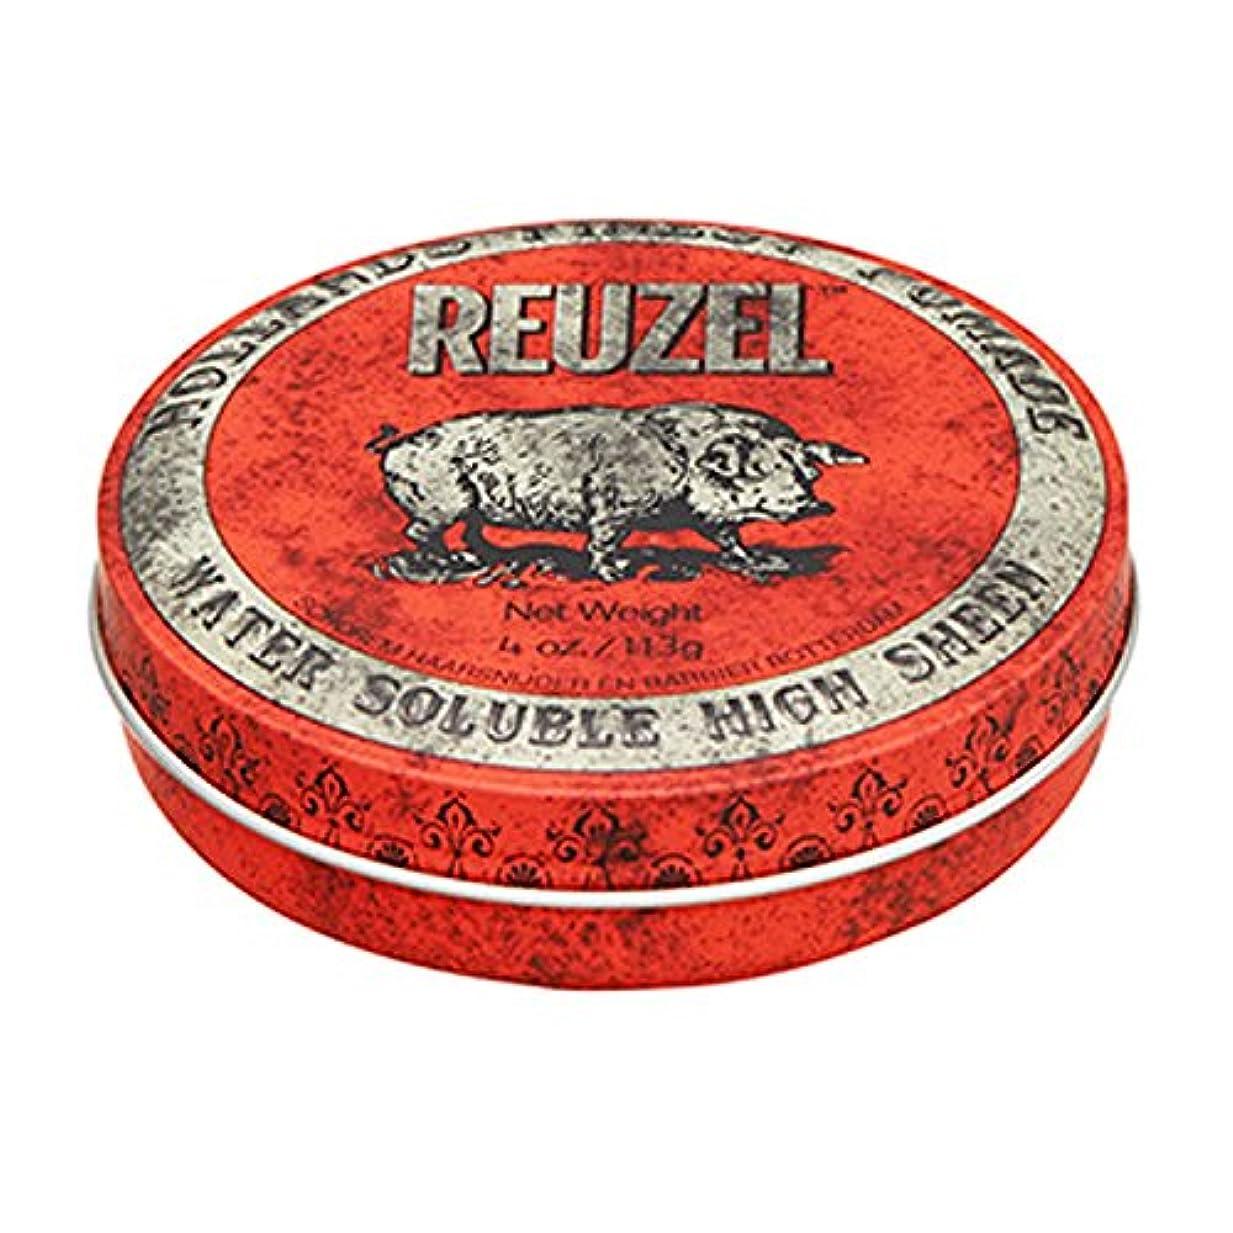 遺棄された強いうそつきルーゾー REUZEL HIGH SHEEN ノーマルホールド レッド 113g